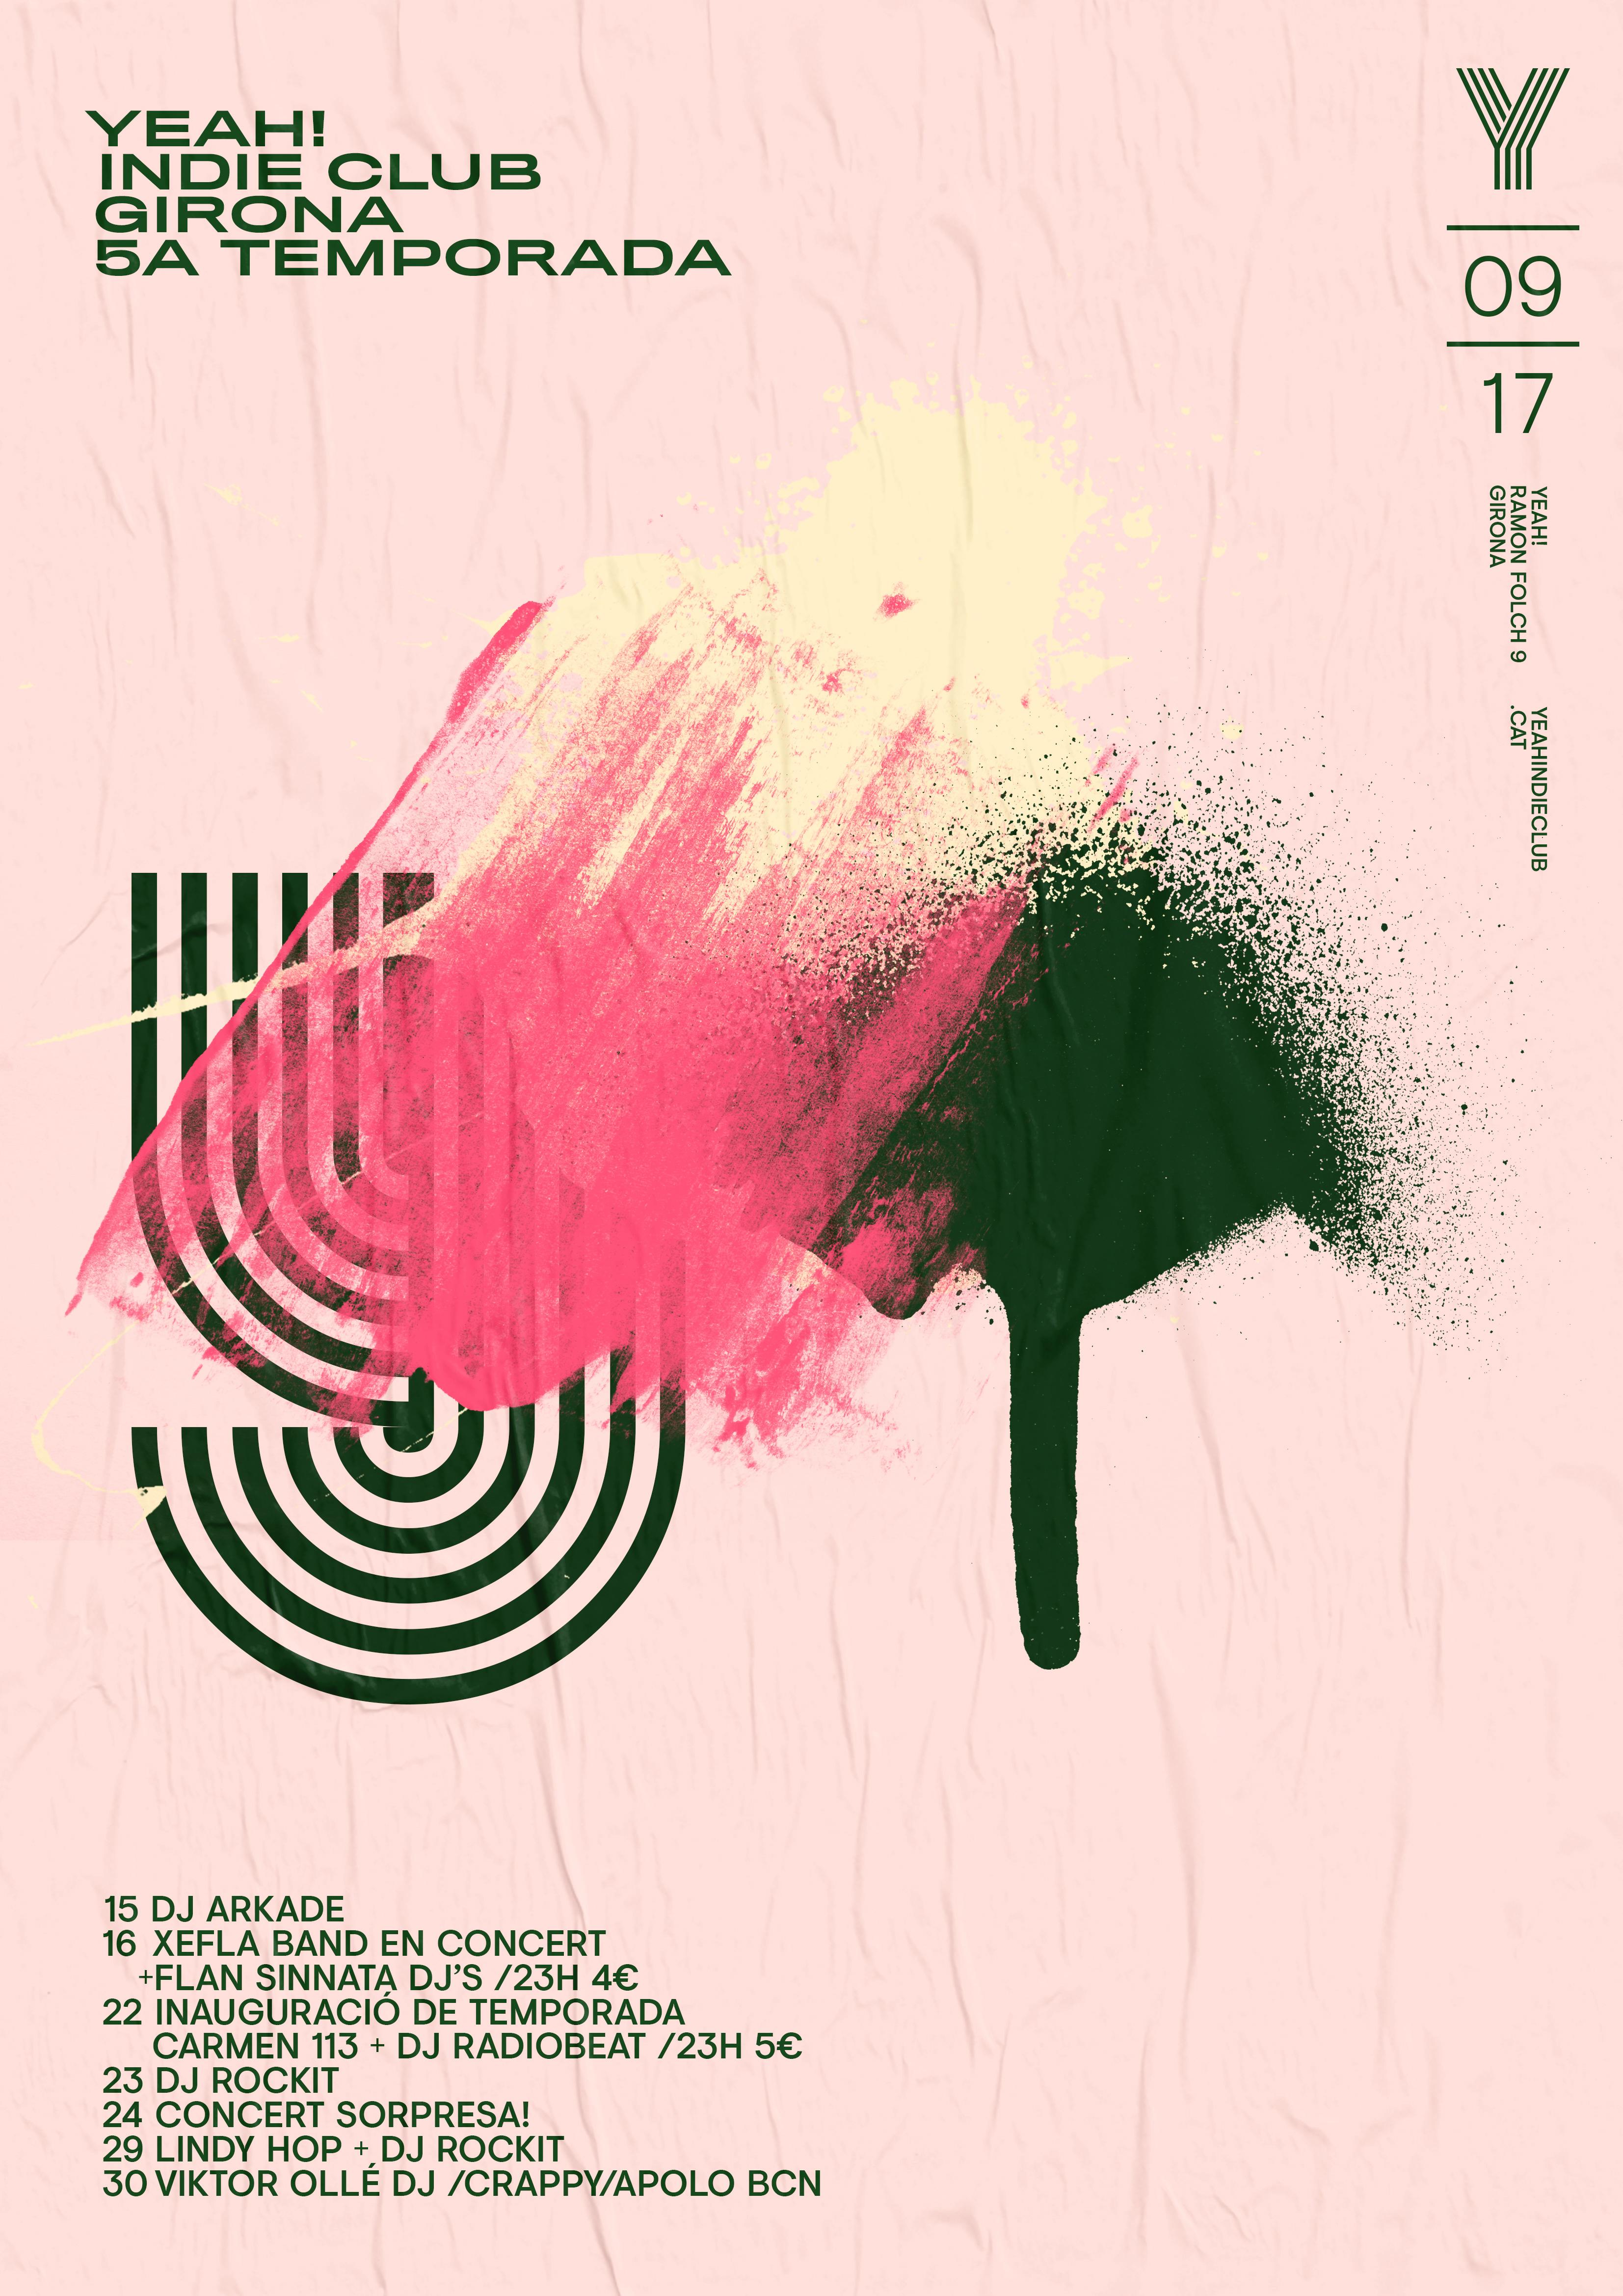 全球资讯_西班牙YEAH! IndieClub海报设计 - 视觉同盟(VisionUnion.com)